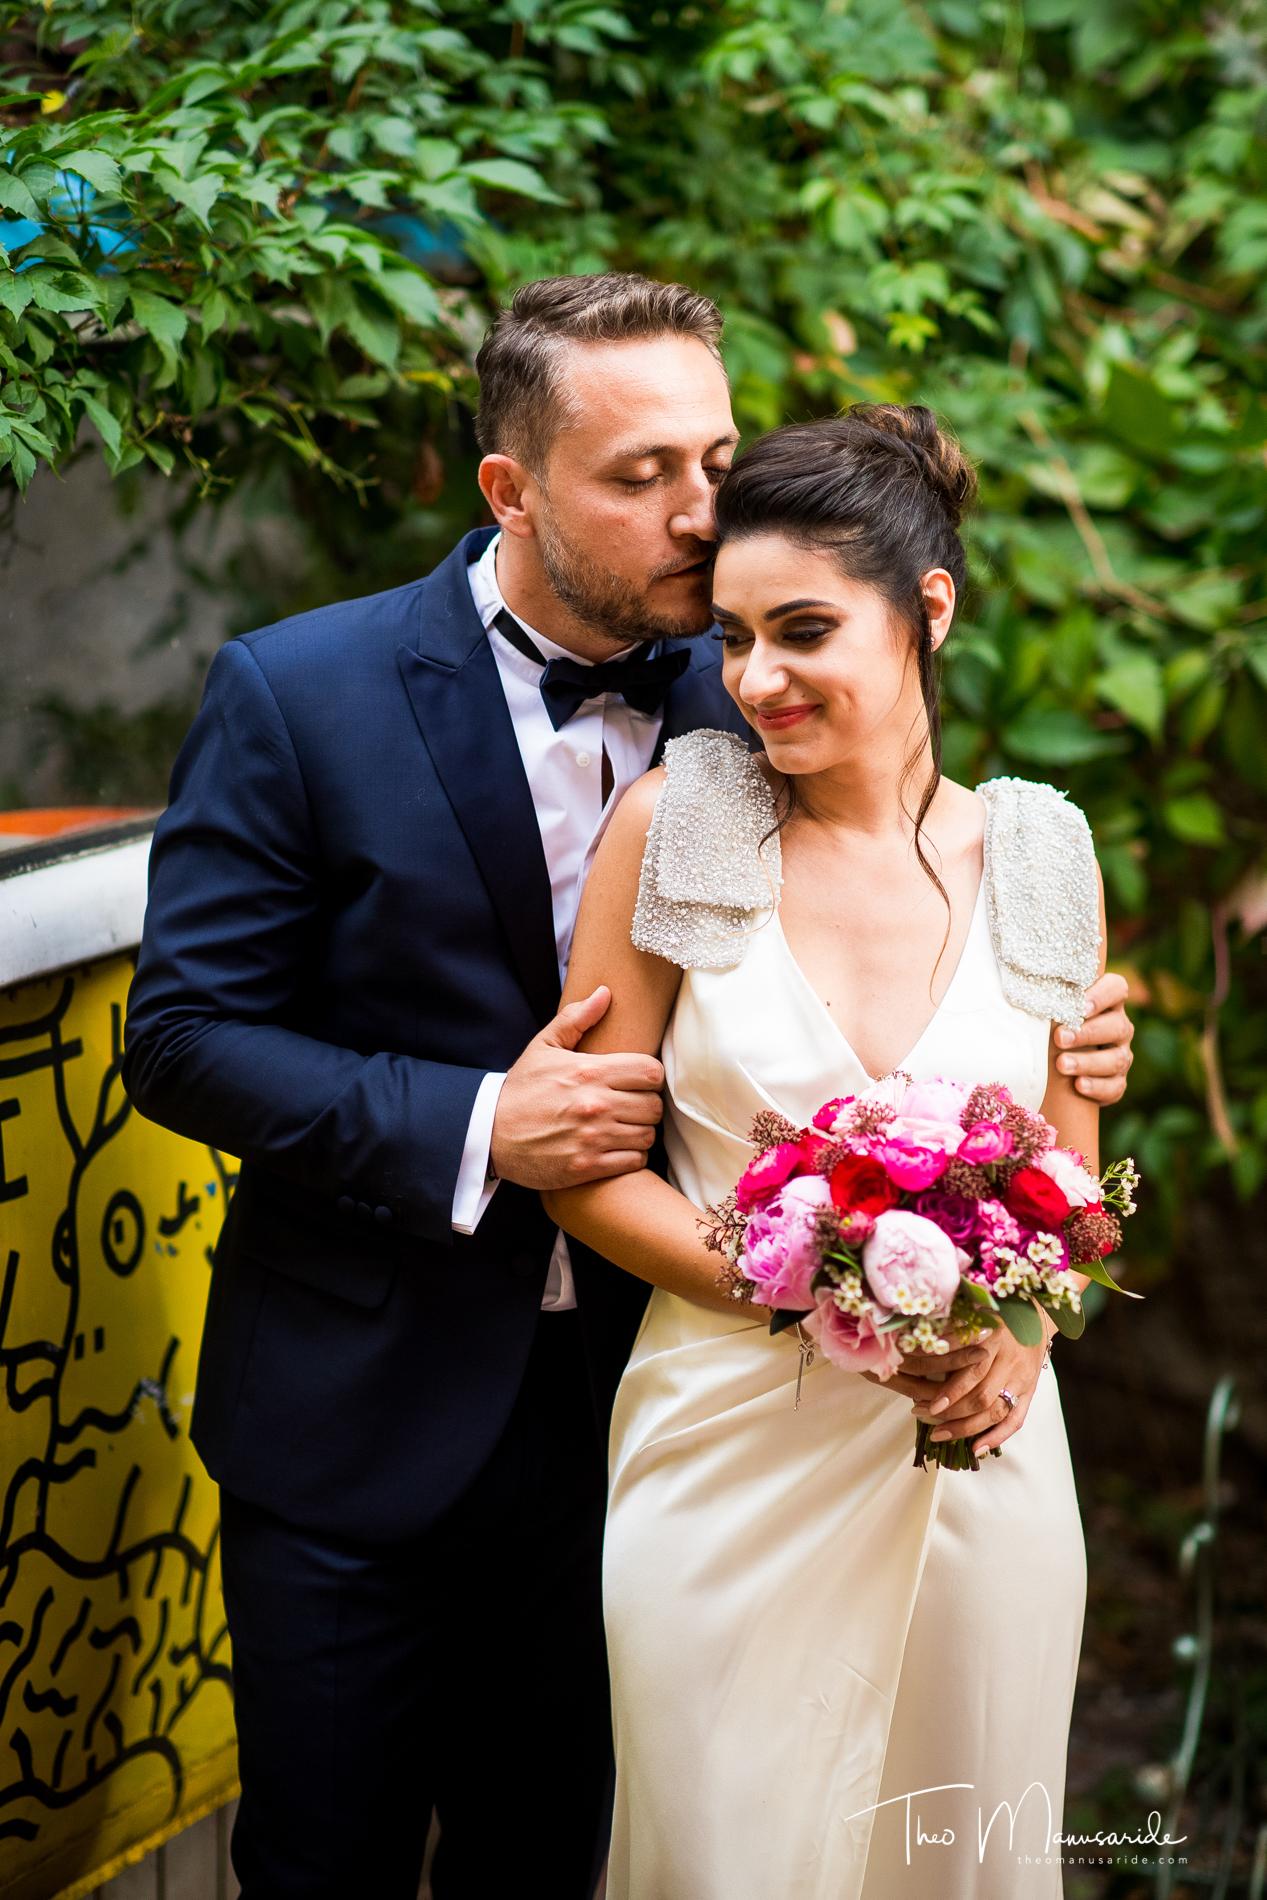 fotograf nunta fratelli-31